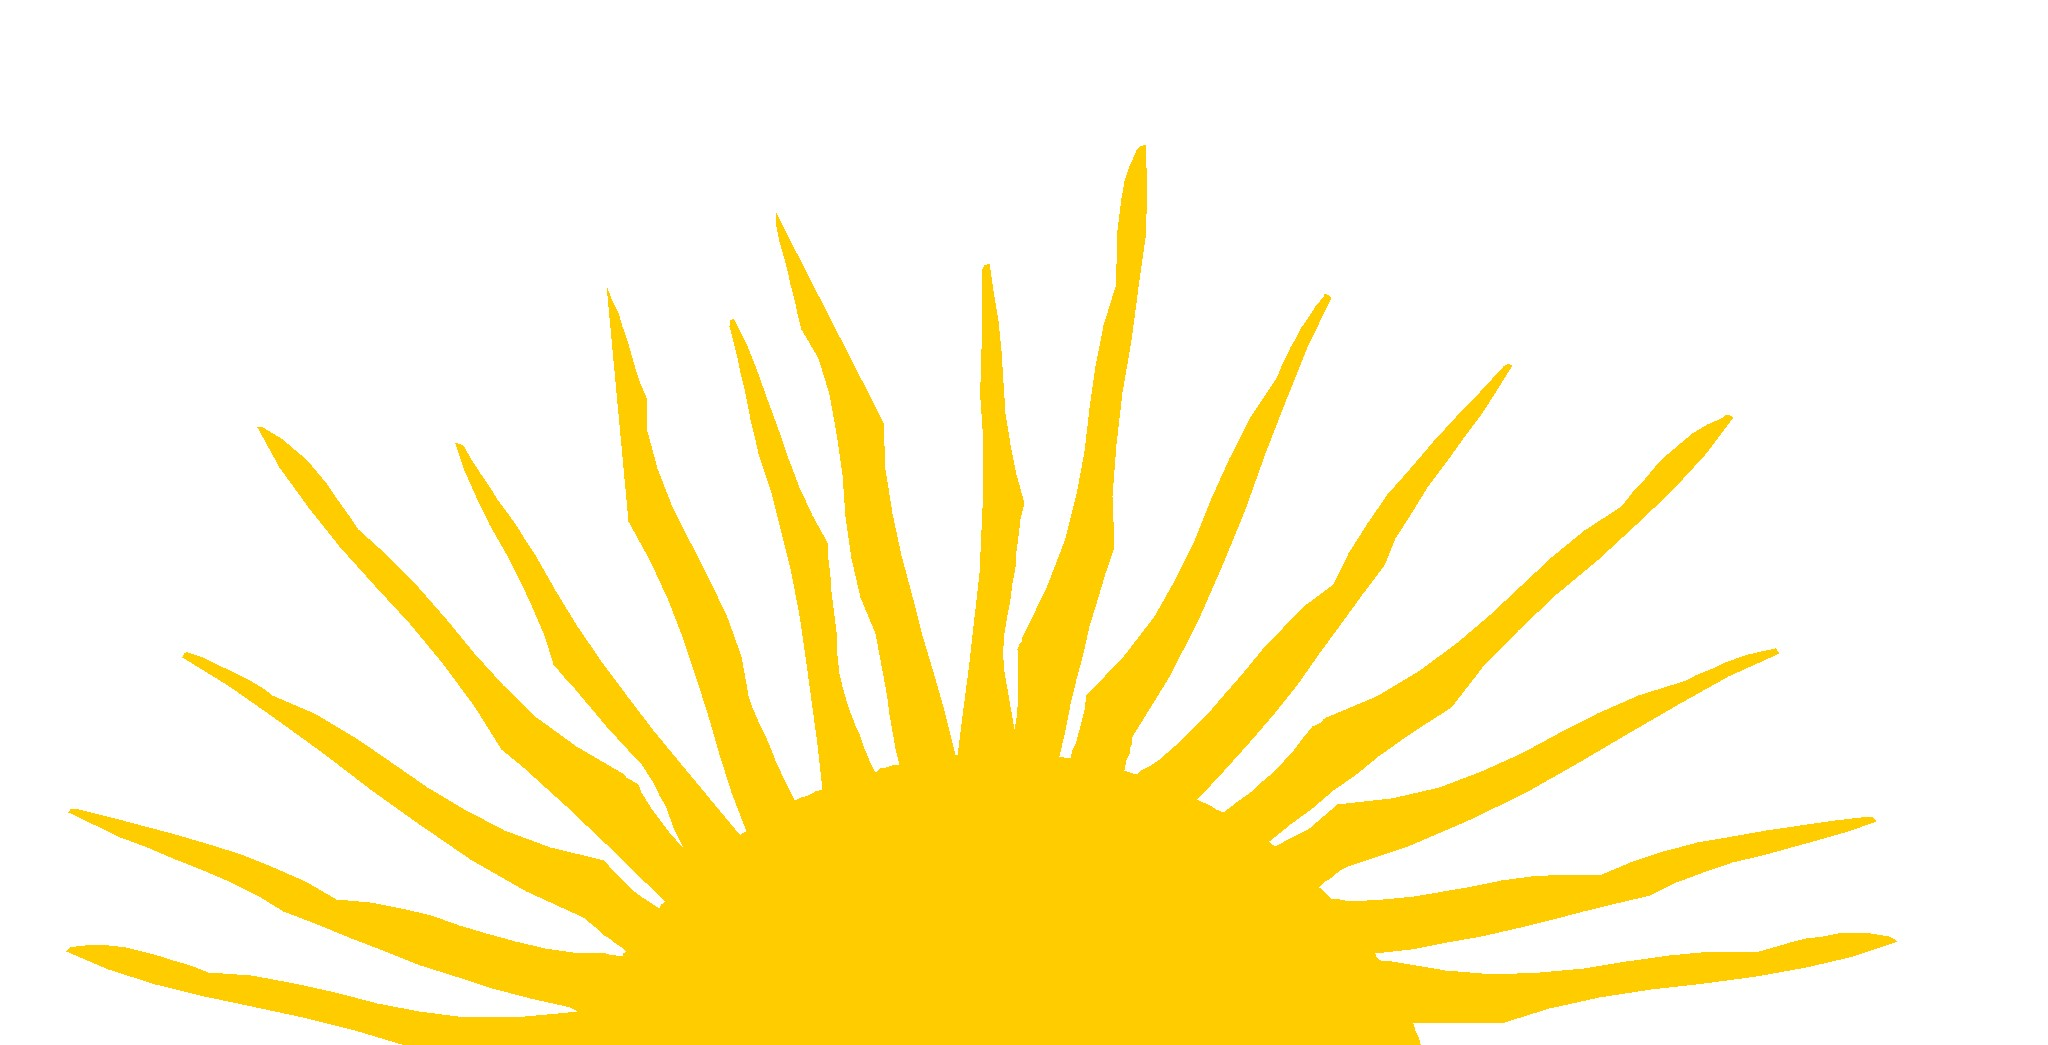 Sunshine sun clipart free clip art images image